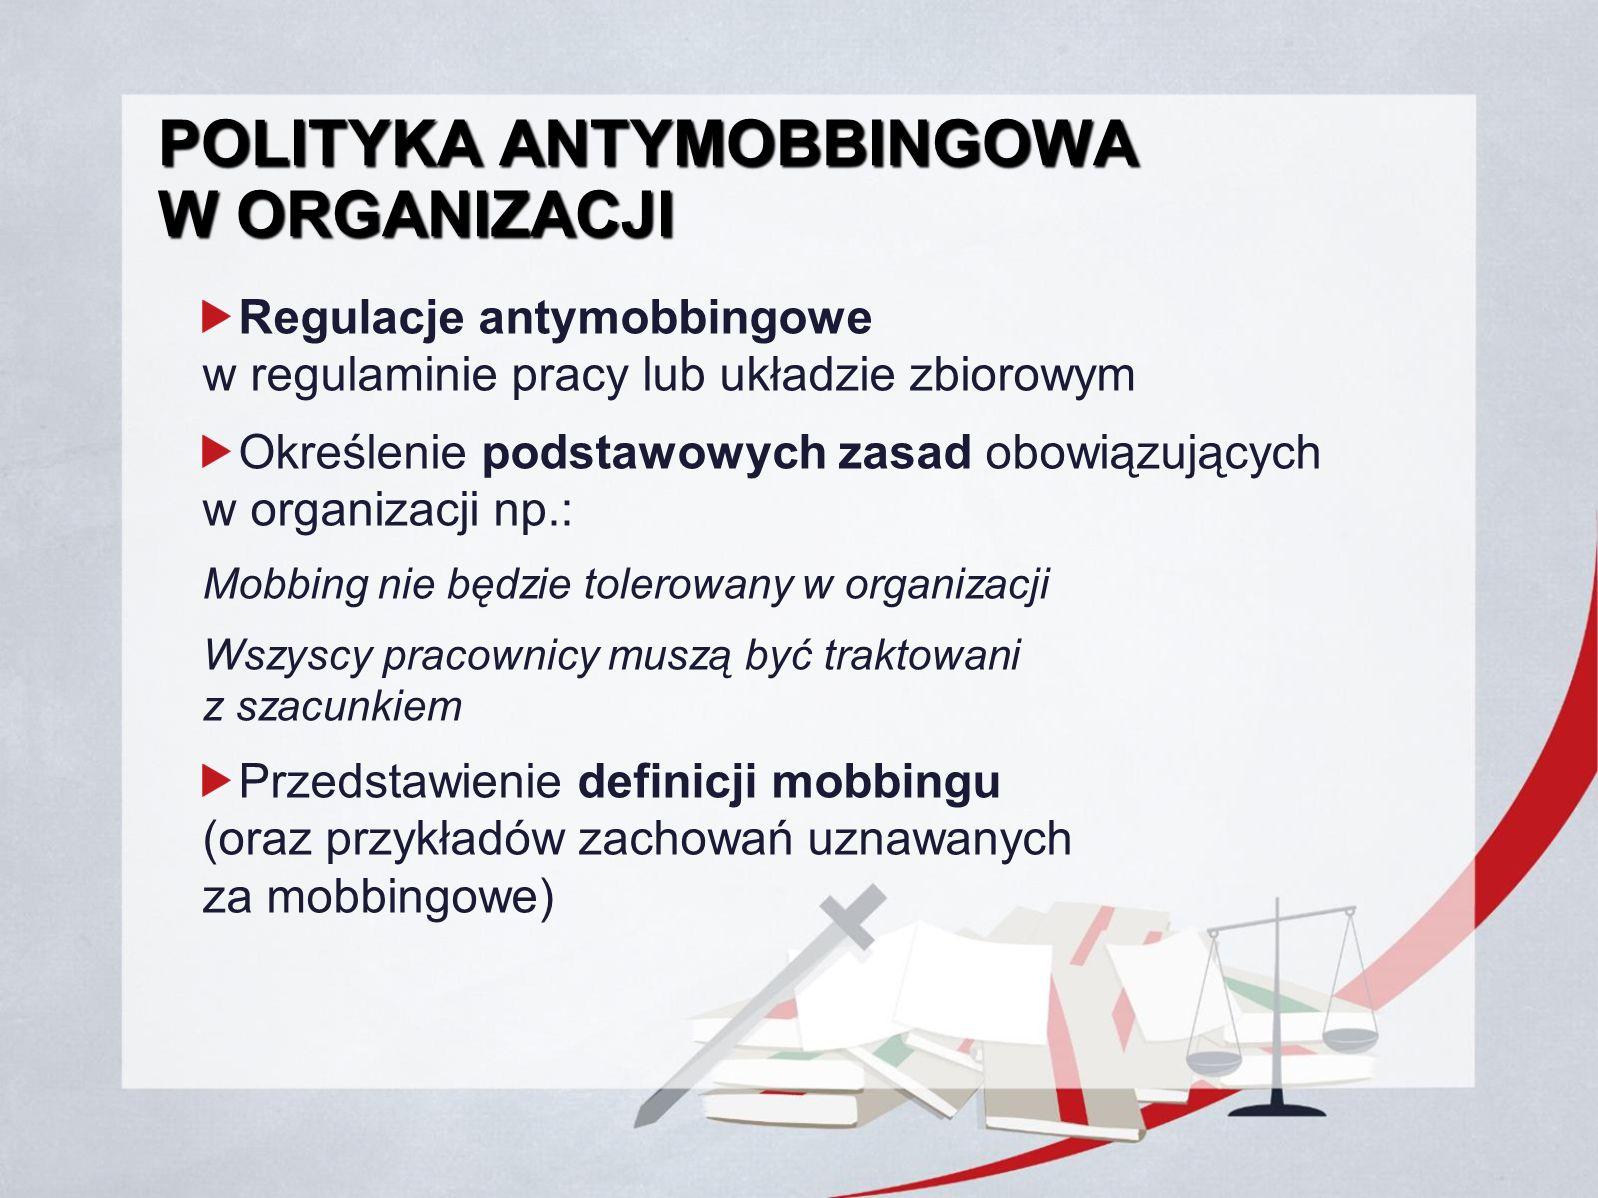 POLITYKA ANTYMOBBINGOWA W ORGANIZACJI Regulacje antymobbingowe w regulaminie pracy lub układzie zbiorowym Określenie podstawowych zasad obowiązujących